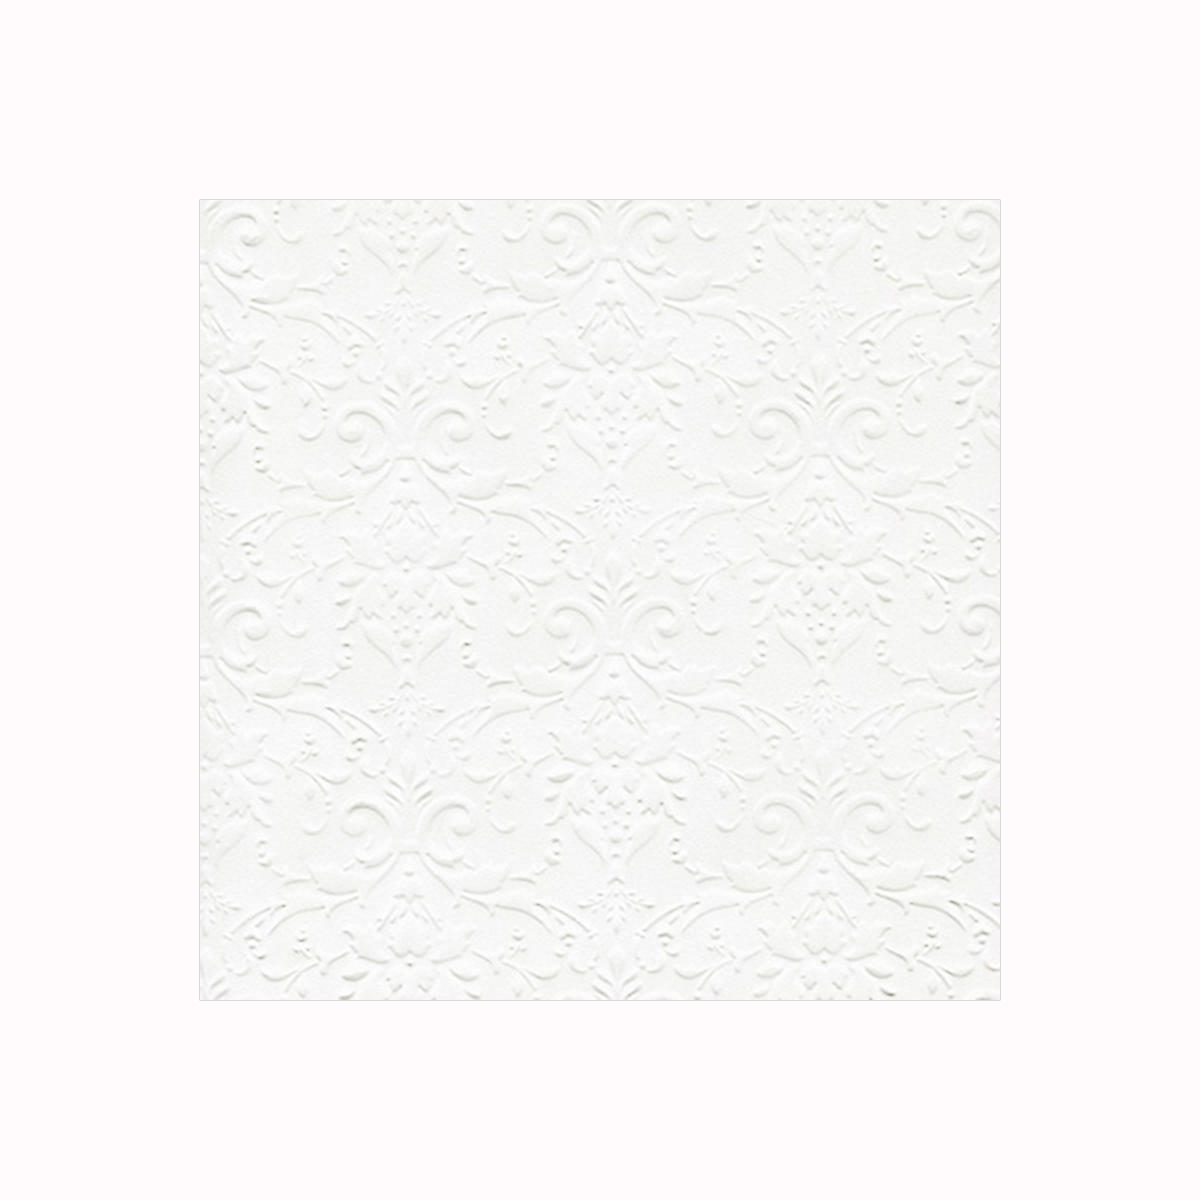 Бумага фактурная Лоза Дамасский узор, цвет: молочный, 3 листа582975_БР003-1-Ф молочныйФактурная бумага для скрапбукинга Лоза Дамасский узор позволит создать красивый альбом, фоторамку или открытку ручной работы, оформить подарок или аппликацию. Набор включает в себя 3 листа из плотной бумаги. Скрапбукинг - это хобби, которое способно приносить массу приятных эмоций не только человеку, который этим занимается, но и его близким, друзьям, родным. Это невероятно увлекательное занятие, которое поможет вам сохранить наиболее памятные и яркие моменты вашей жизни, а также интересно оформить интерьер дома.Плотность бумаги: 200 г/м2.